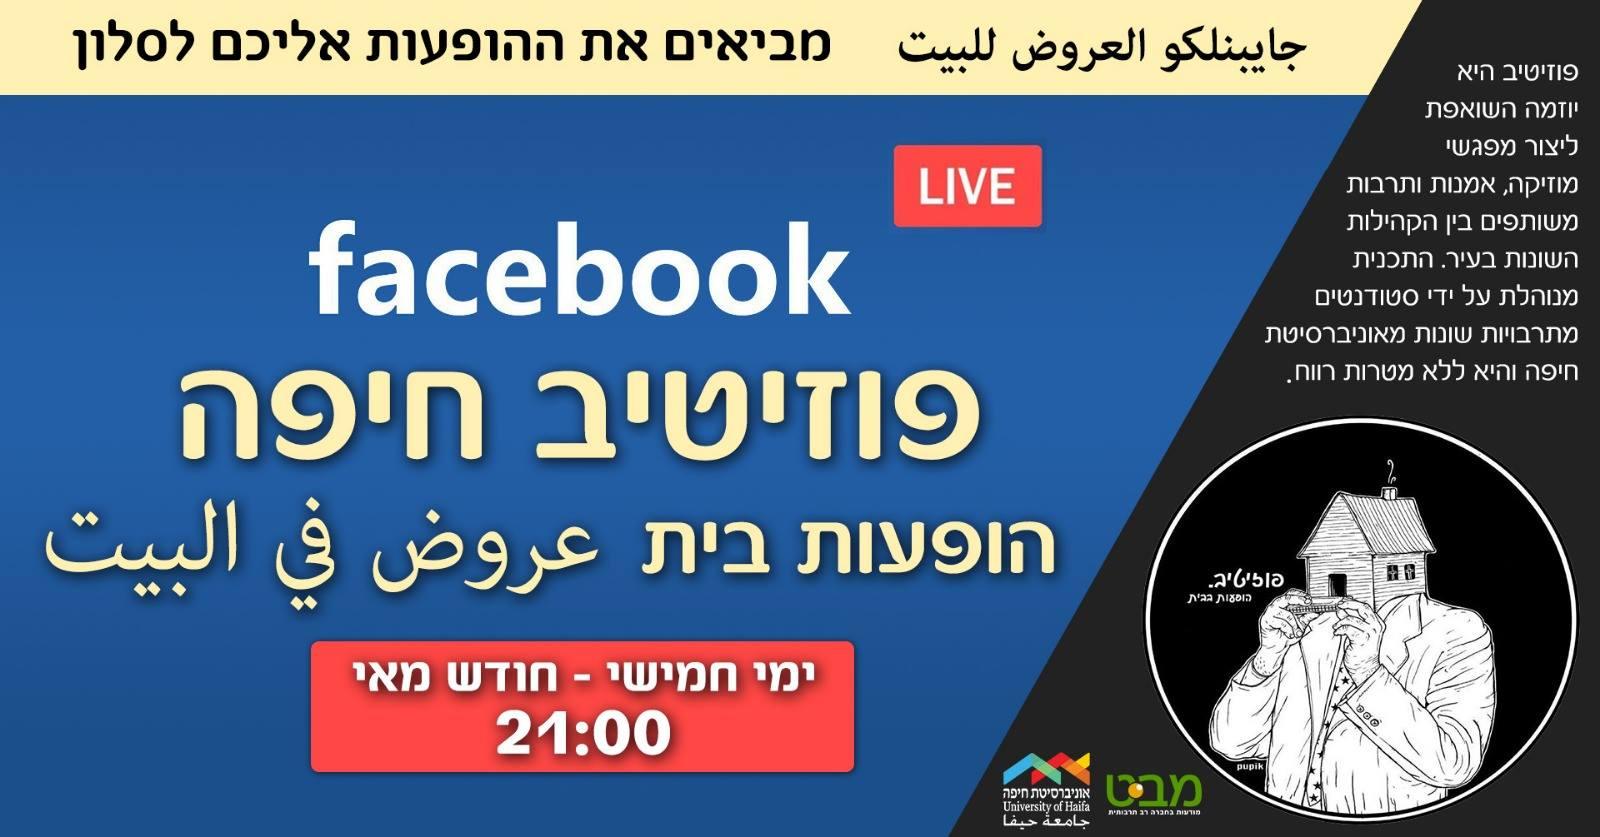 Positive Haifa Live